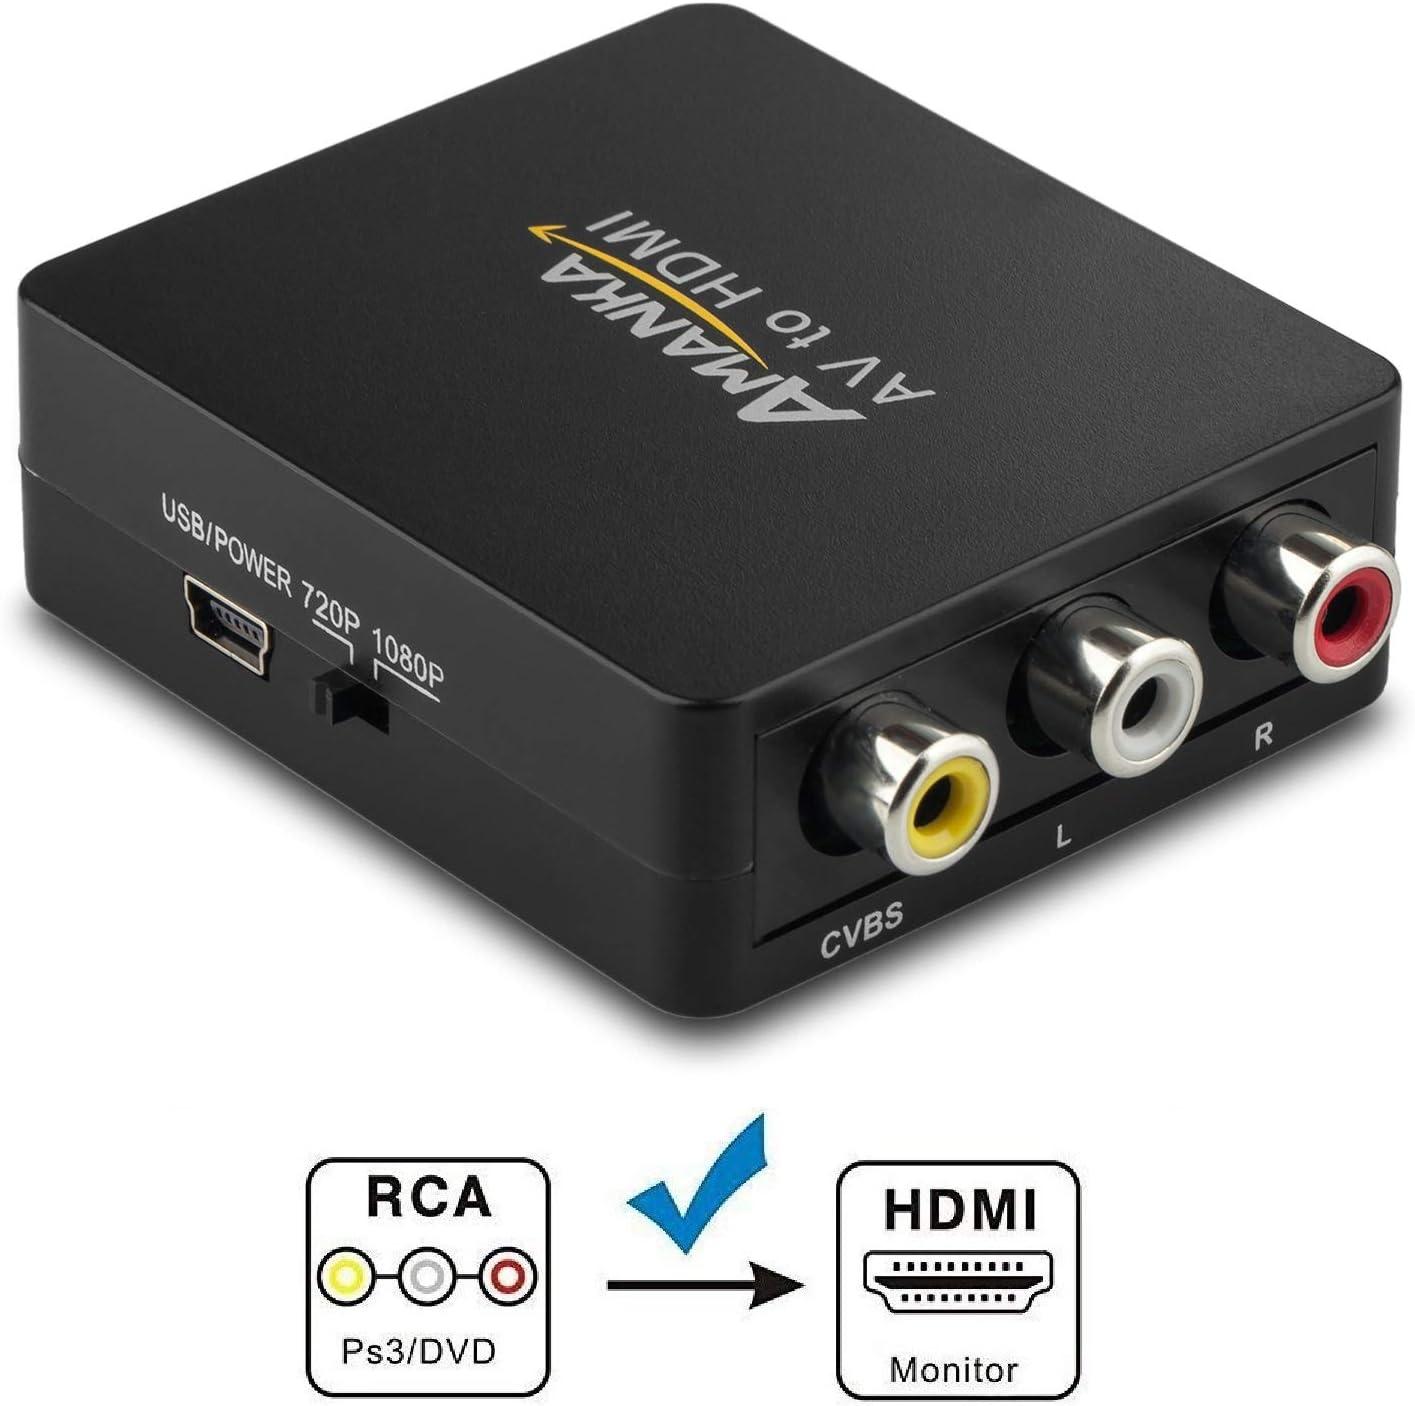 Adaptador RCA a HDMI, amanka AV a HDMI convertidor AV a HDMI Adaptador Soporte 1080p para PC/Xbox/PS4/PS3/TV/STB/VHS/VCR/cámara/DVD: Amazon.es: Electrónica